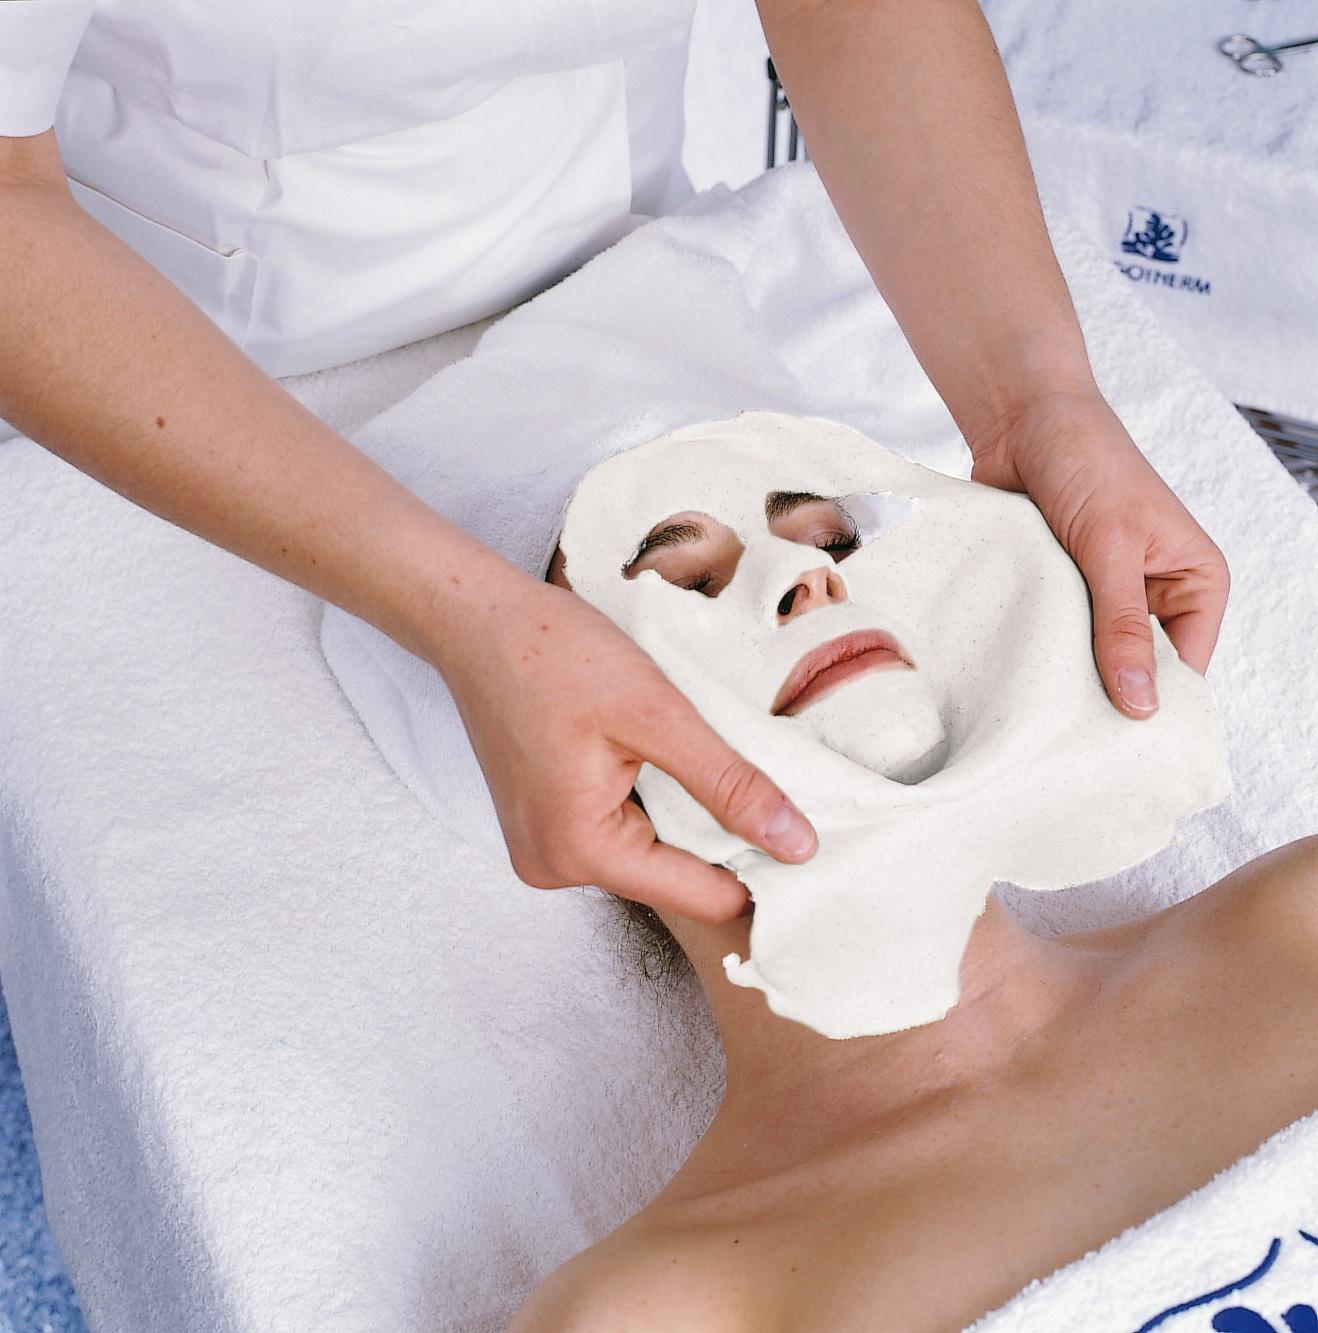 nouveaux masques pour les soins visage. Black Bedroom Furniture Sets. Home Design Ideas